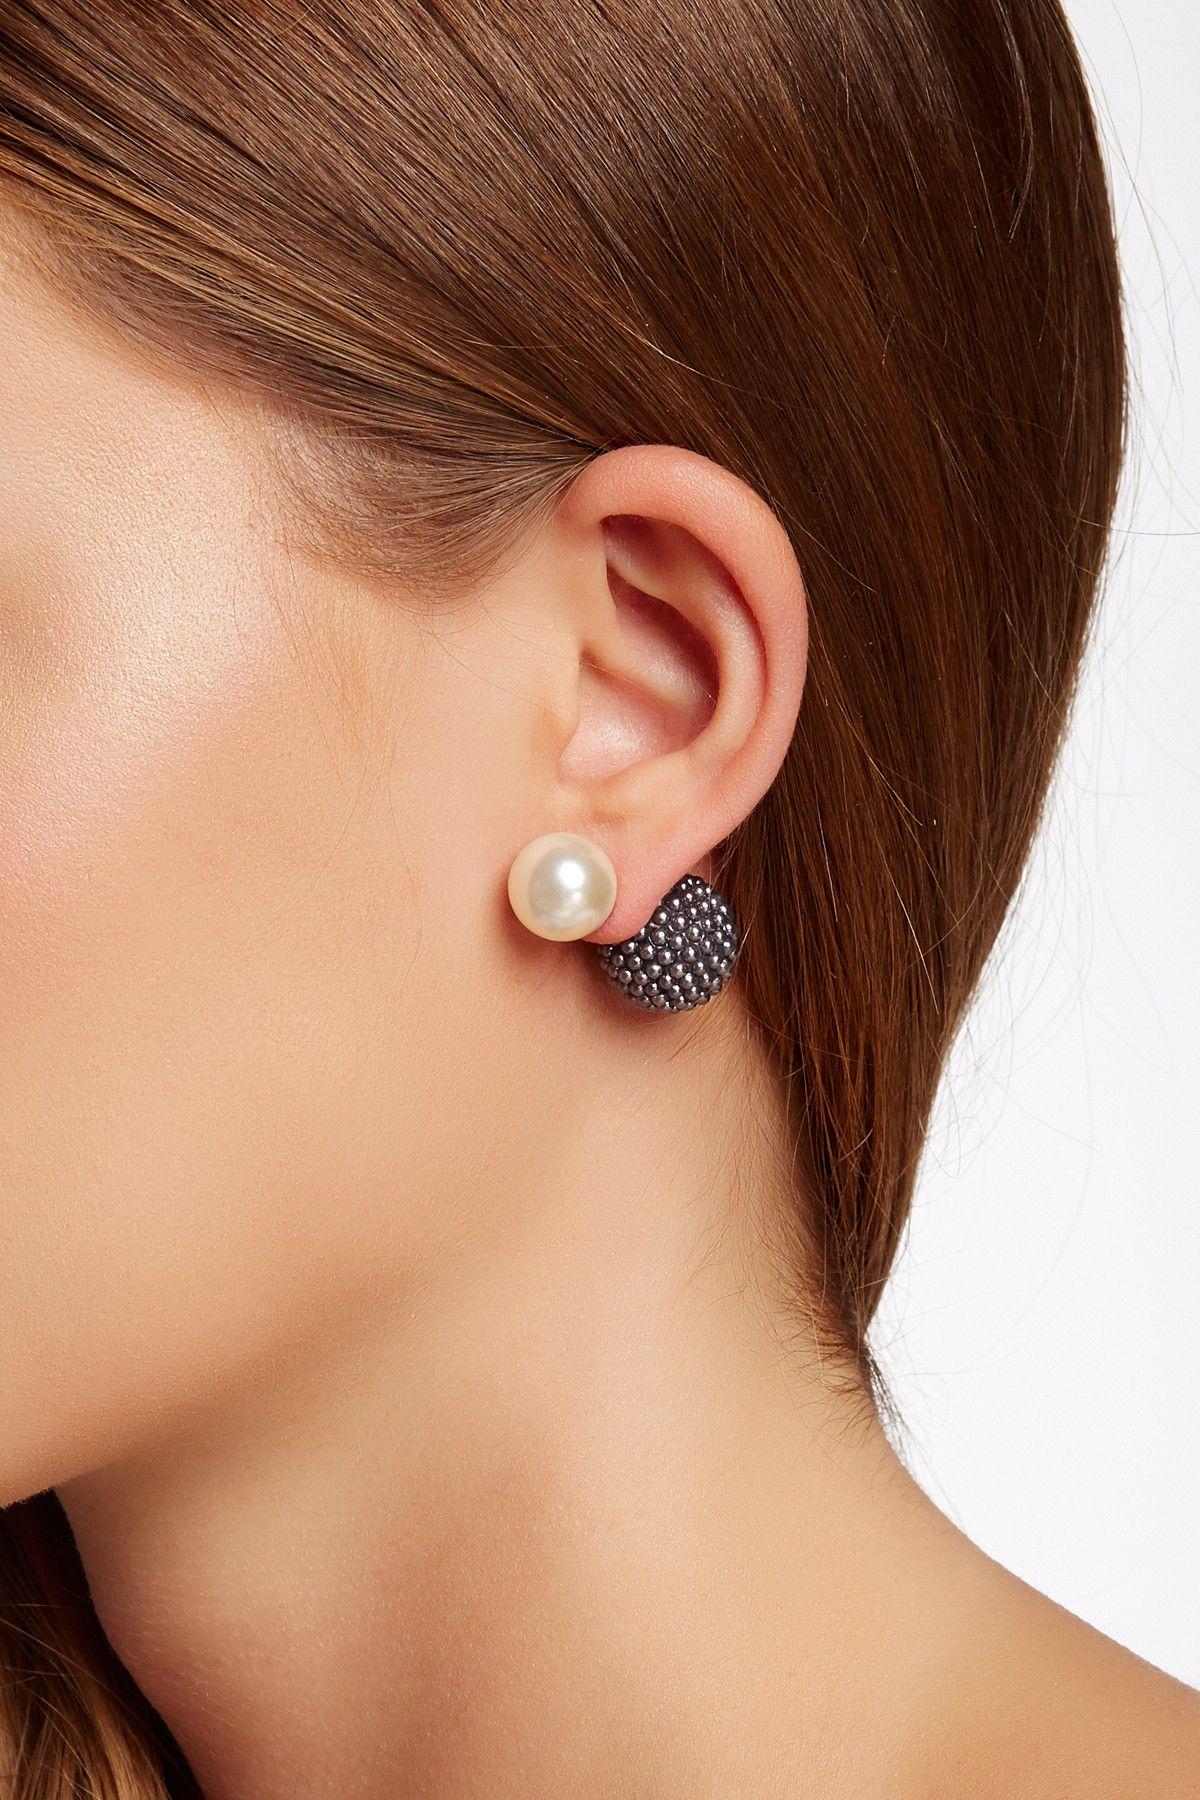 Fancy Double Sided 12 14mm S Pearl Earrings On Nordstrom Rack